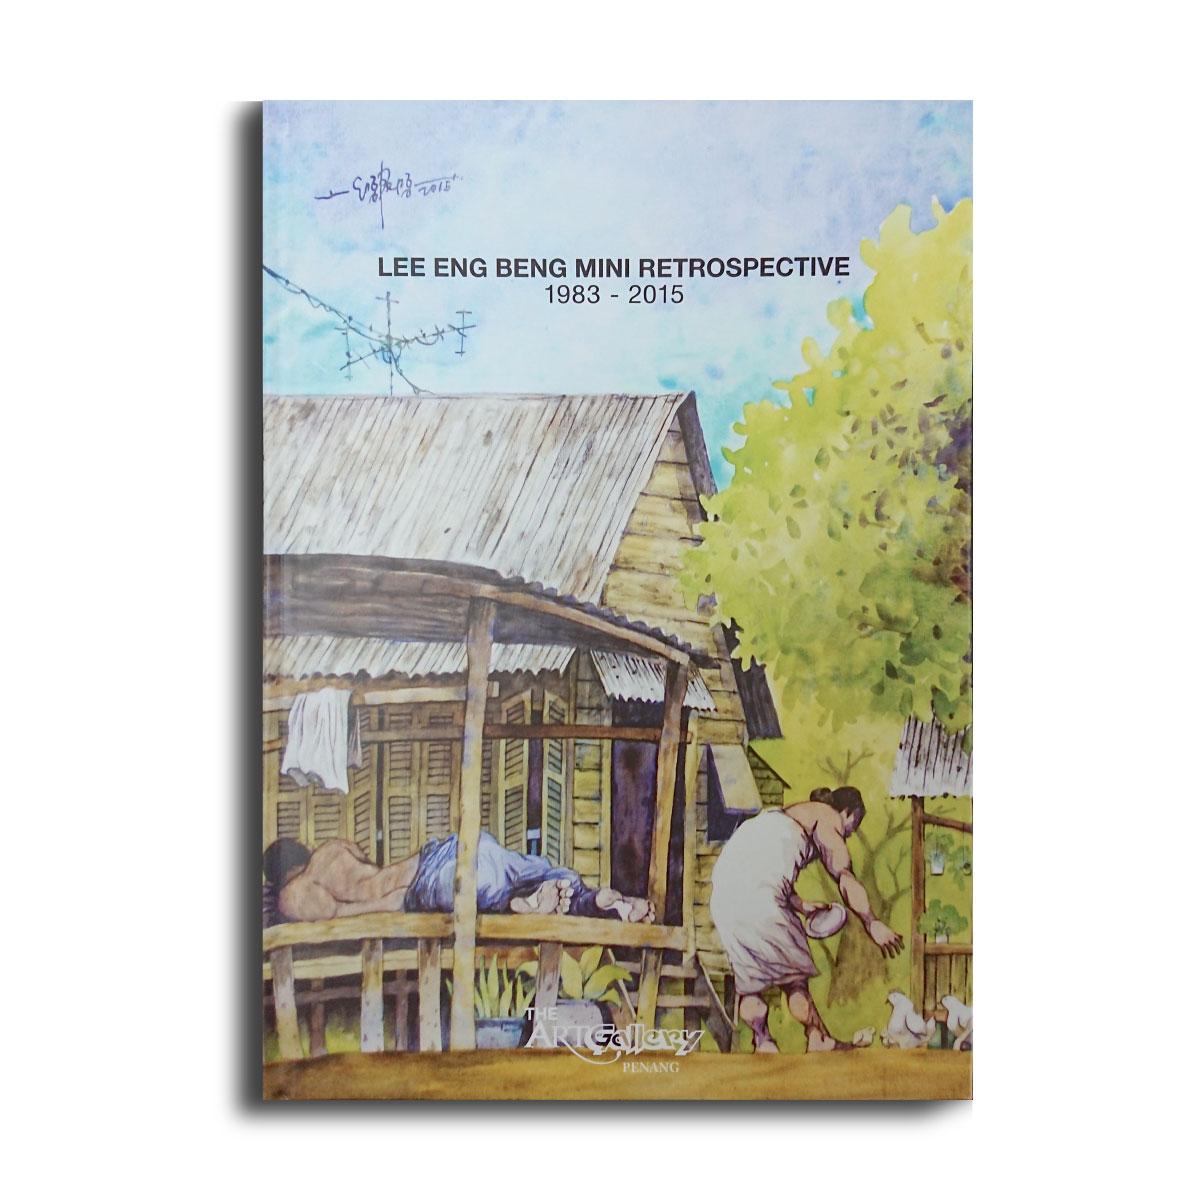 Lee Eng Beng Mini Retrospective 1983-2015